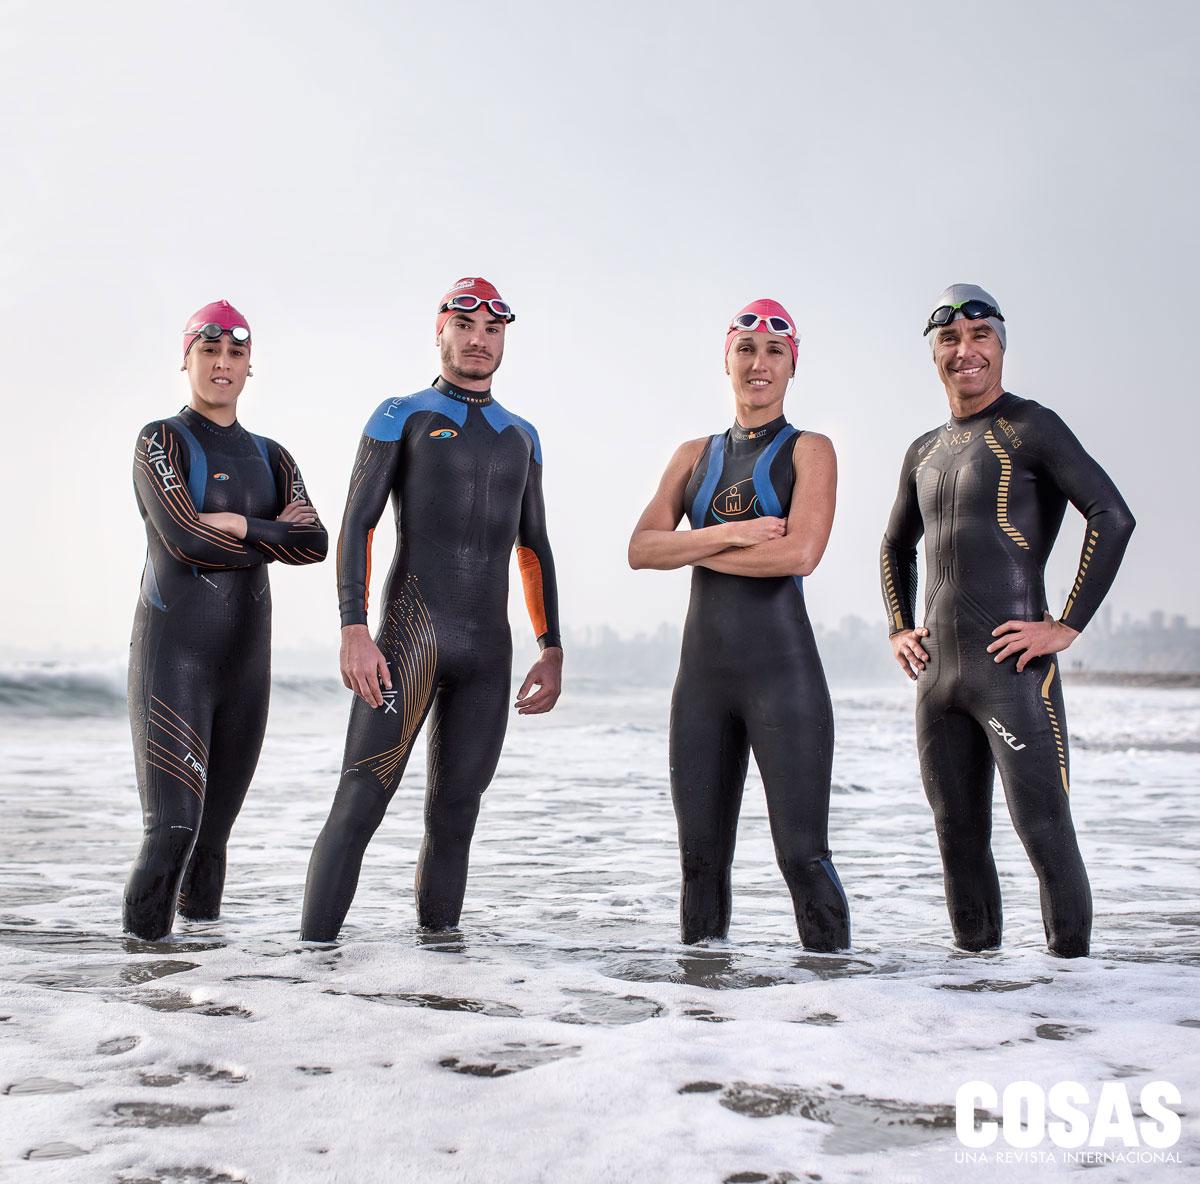 Para los deportistas no triatletas, el Ironman 70.3 Perú tendrá carrera de postas: natación, ciclismo y carrera.  A armar equipos.